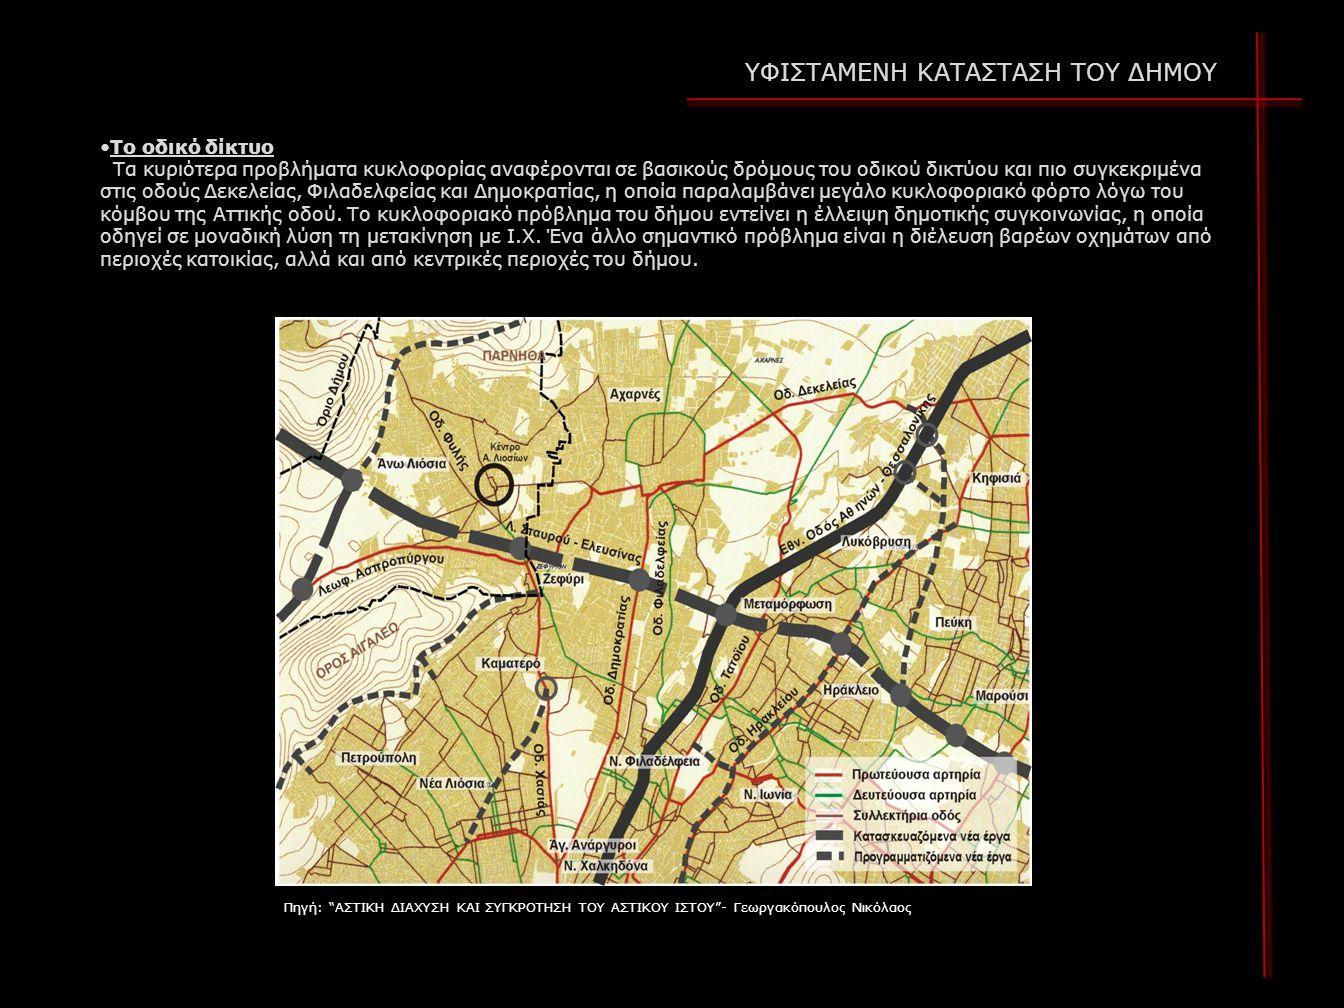 Το οδικό δίκτυο Τα κυριότερα προβλήματα κυκλοφορίας αναφέρονται σε βασικούς δρόμους του οδικού δικτύου και πιο συγκεκριμένα στις οδούς Δεκελείας, Φιλαδελφείας και Δημοκρατίας, η οποία παραλαμβάνει μεγάλο κυκλοφοριακό φόρτο λόγω του κόμβου της Αττικής οδού.